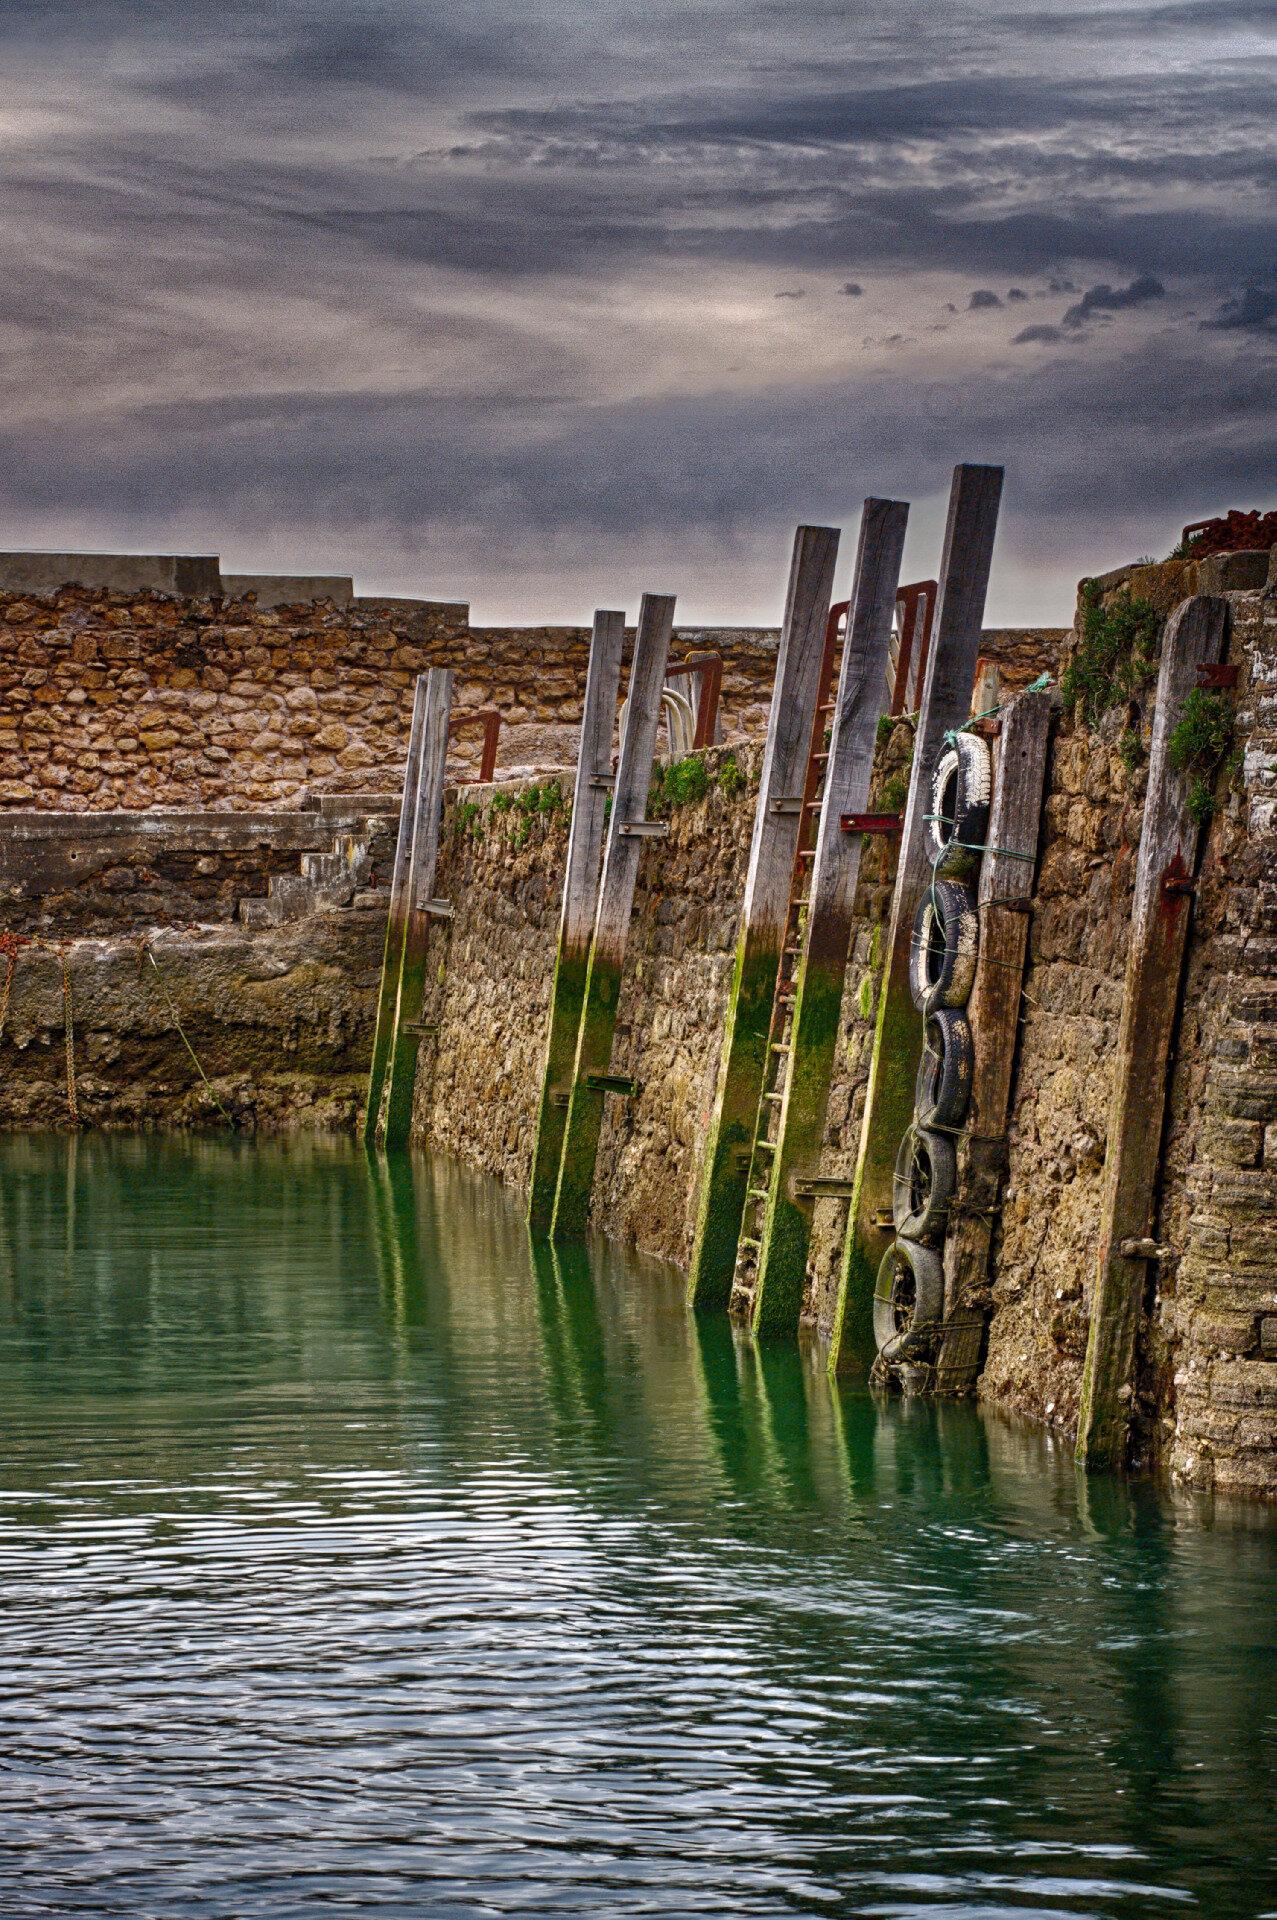 HDR - Port des pêcheurs à Biarritz